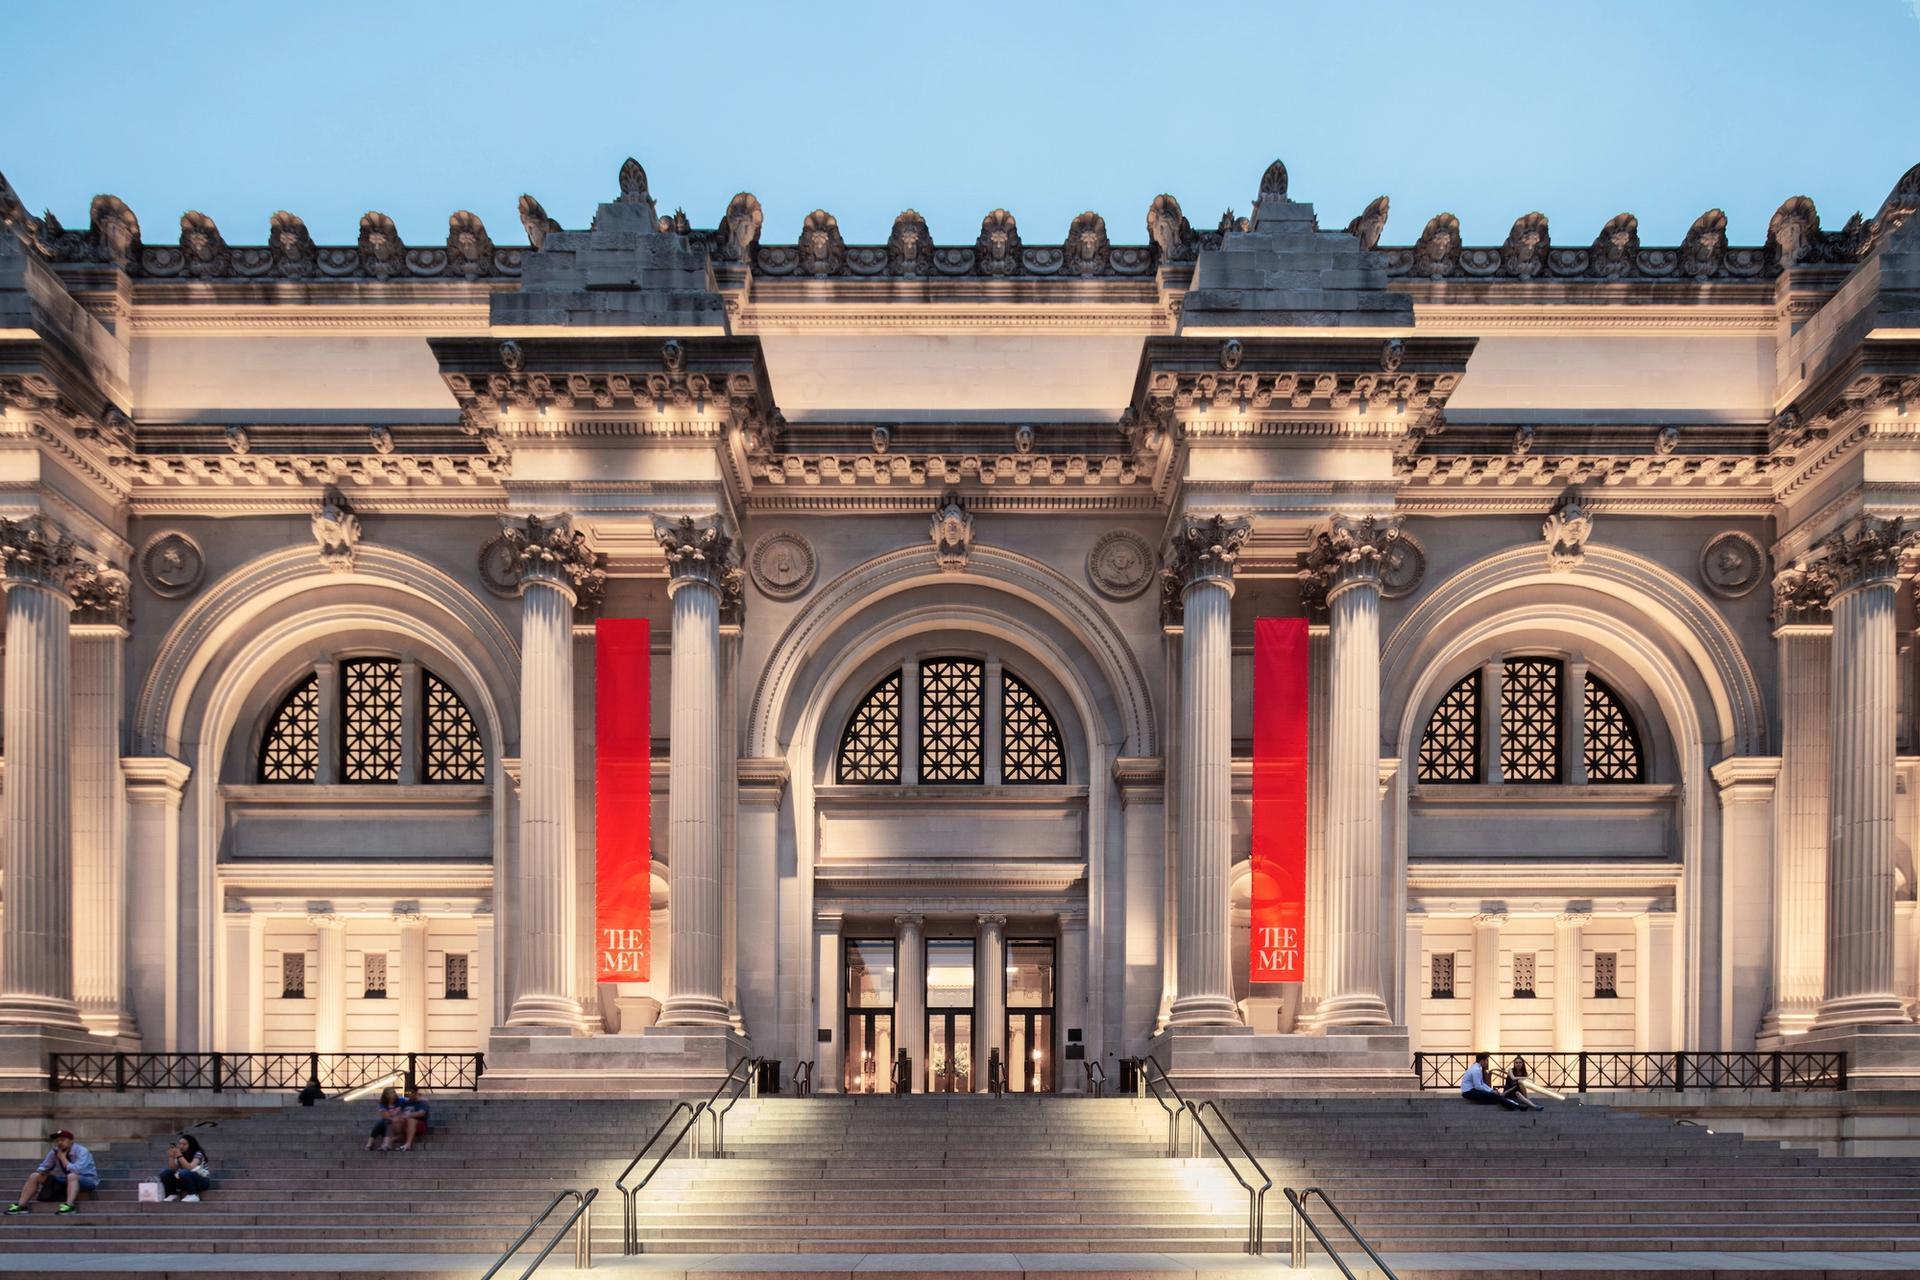 The Metropolitan Museum of Art Metropolitan Museum of Art